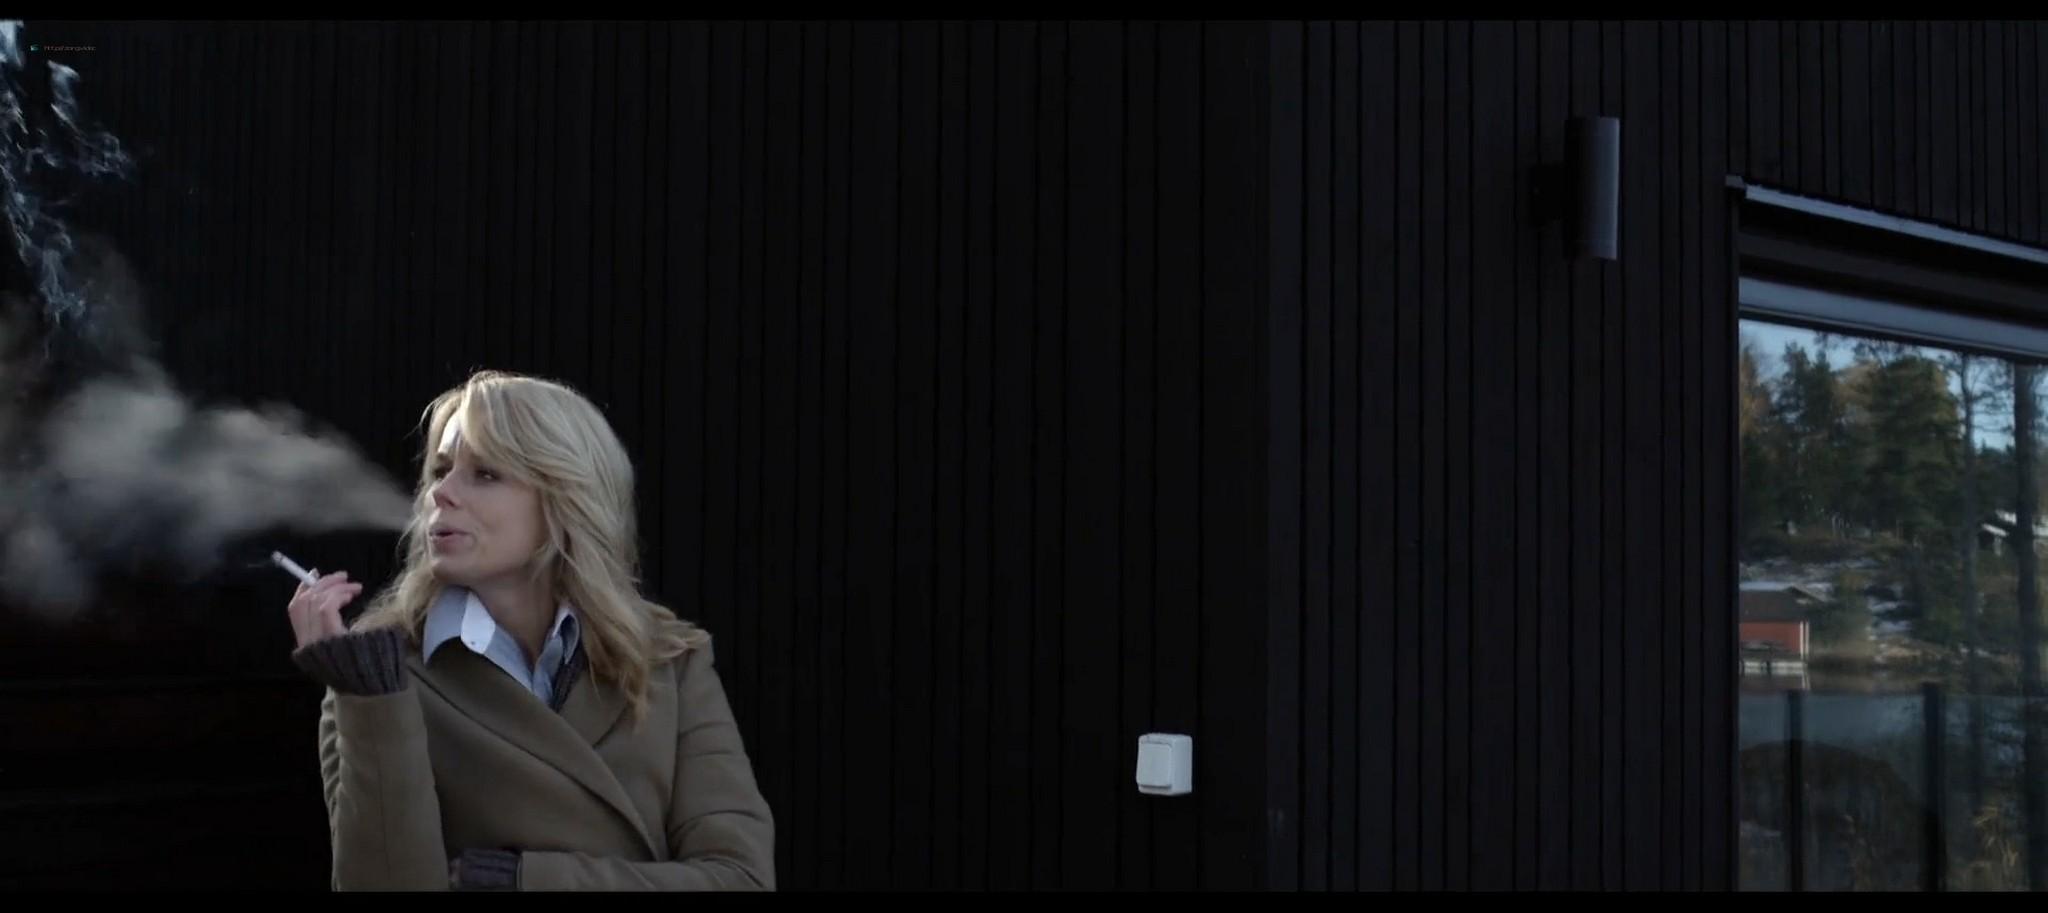 Helena Af Sandeberg nude and hot sex Morkt vatten SE 2012 1080p Web 17